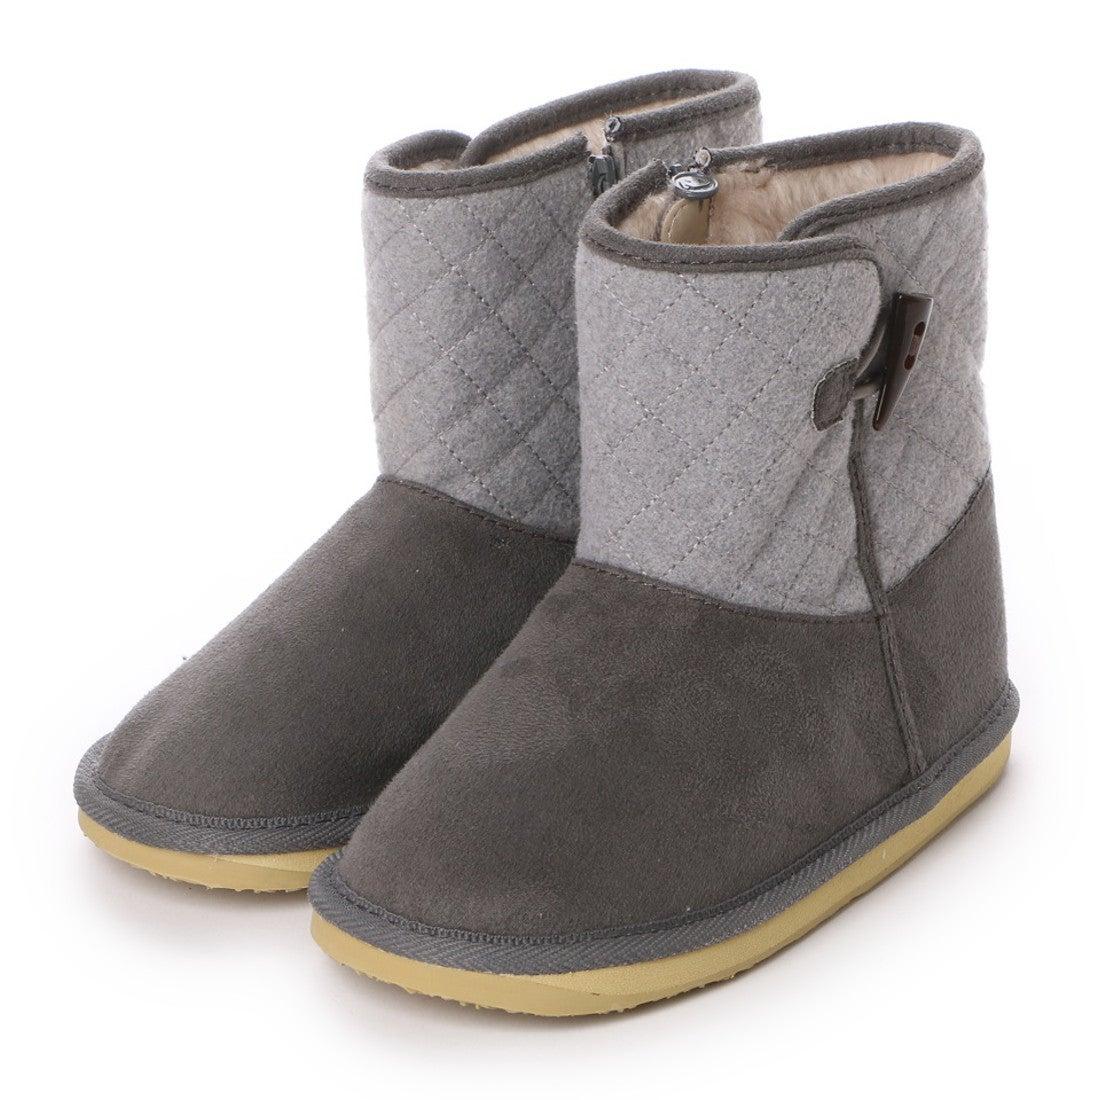 ロコンド 靴とファッションの通販サイトスポーツデポSPORTSDEPOジュニアブーツトグルツキキルティングムートンブーツME98138206